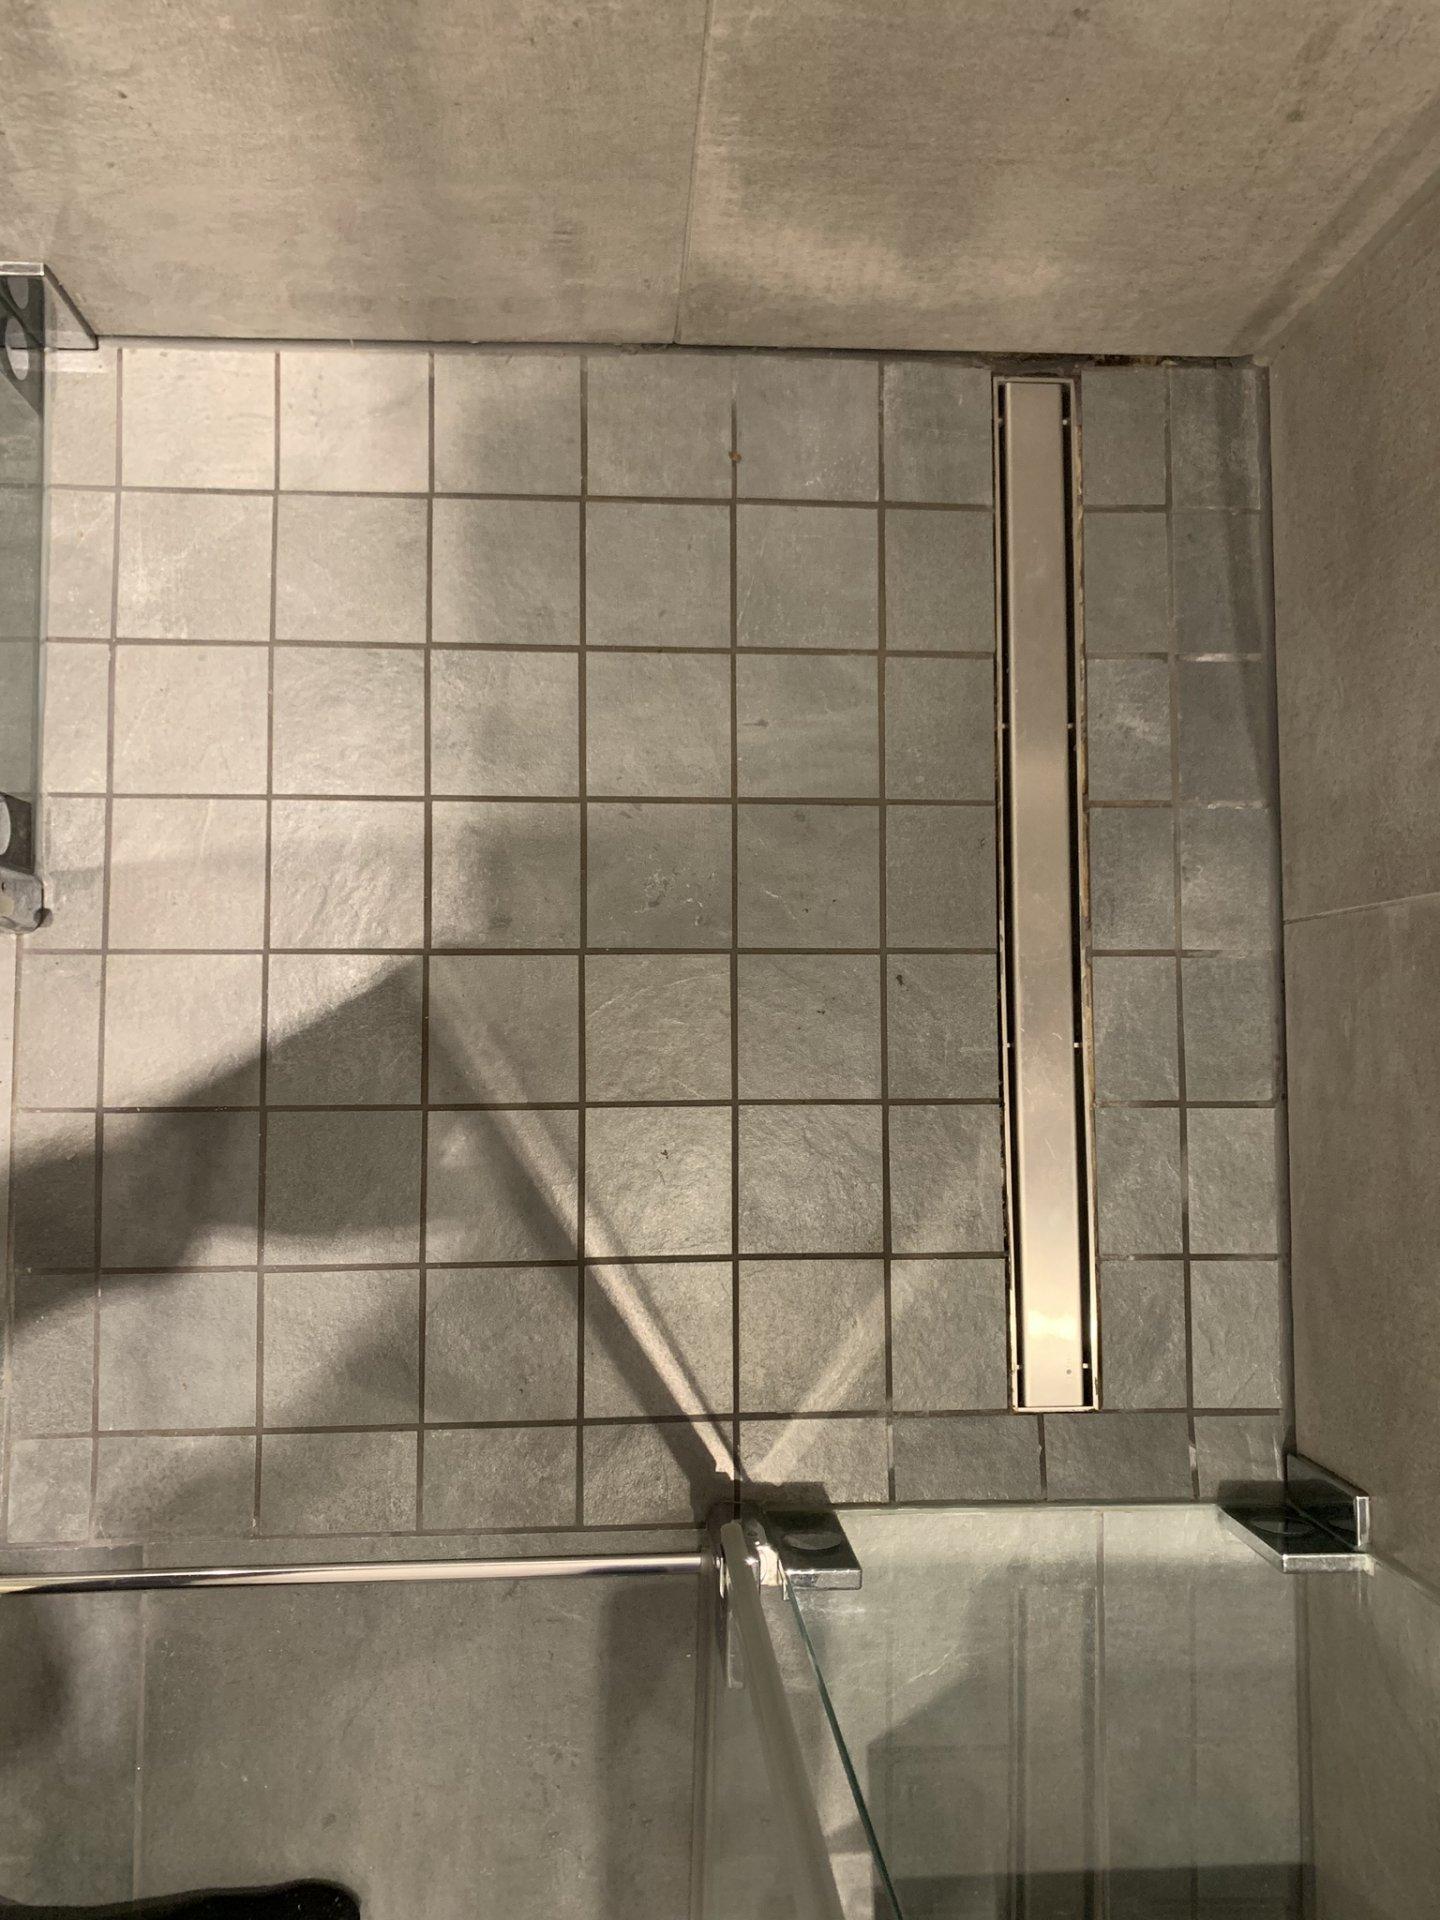 Hervorragend Silikonfuge in Dusche erneuern - Dichtband beschädigt FC27